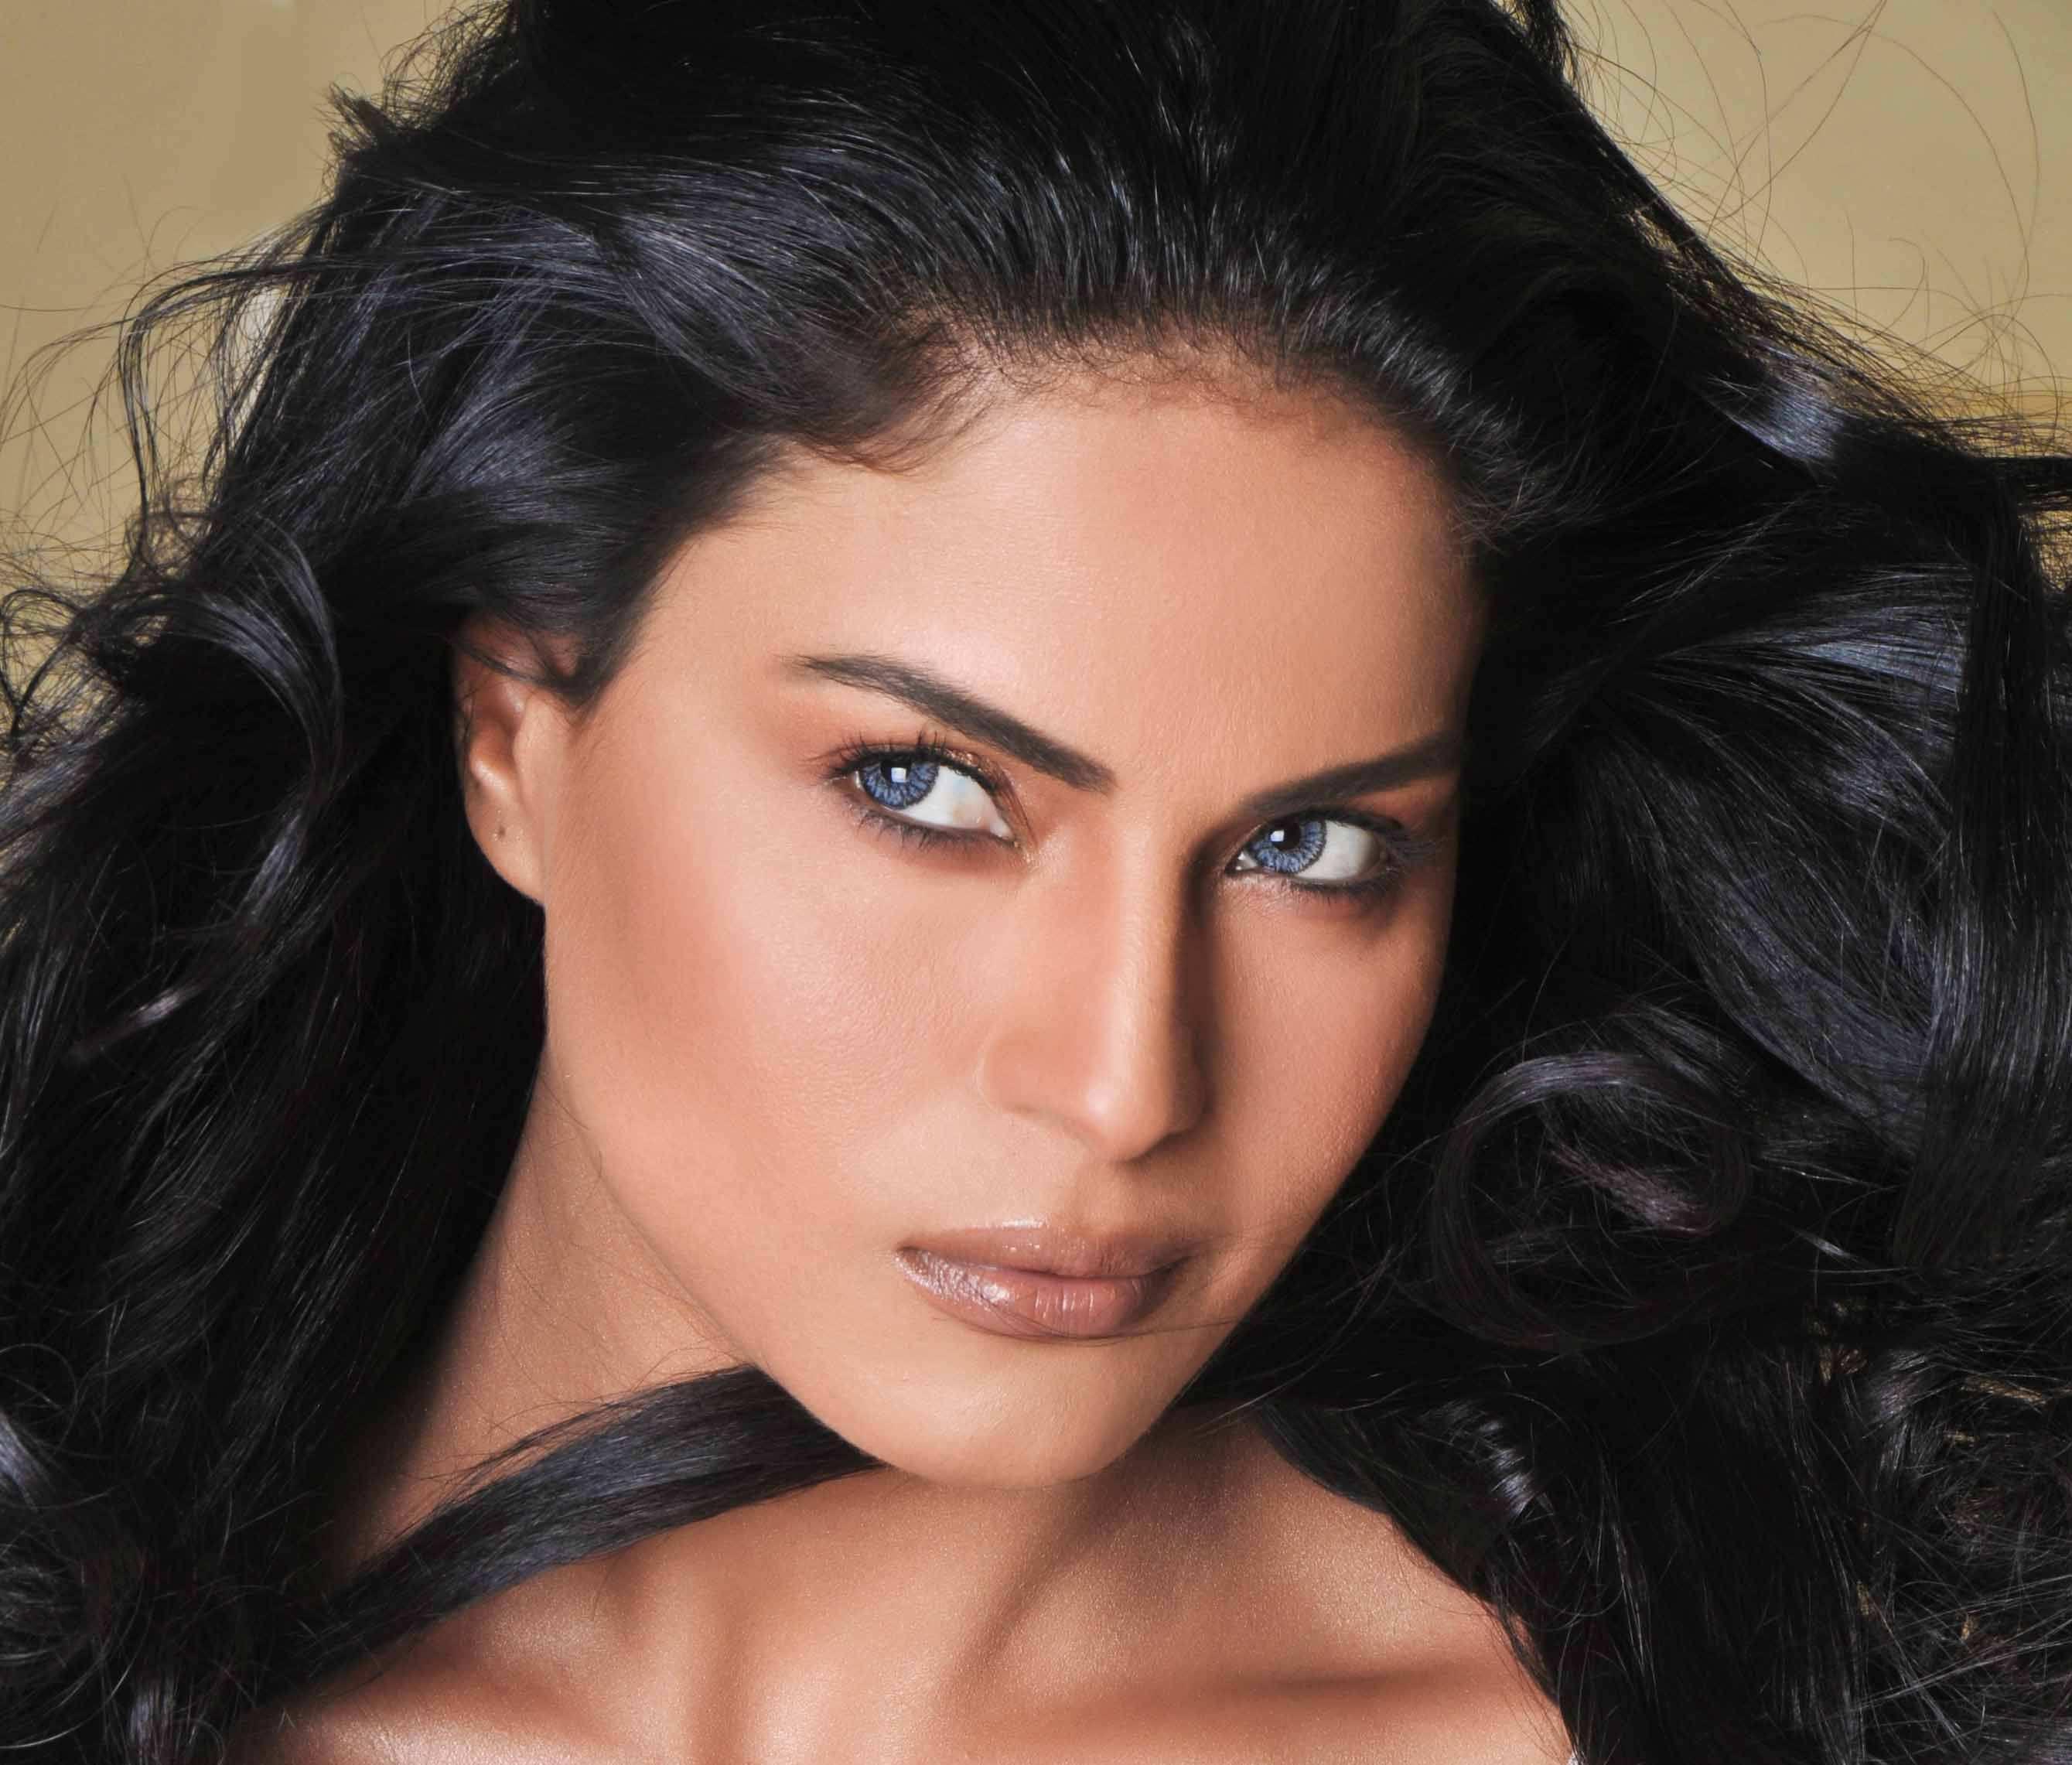 Veena Malik Latest Hot Stills Veena Malik Latest Hot Stills Read More